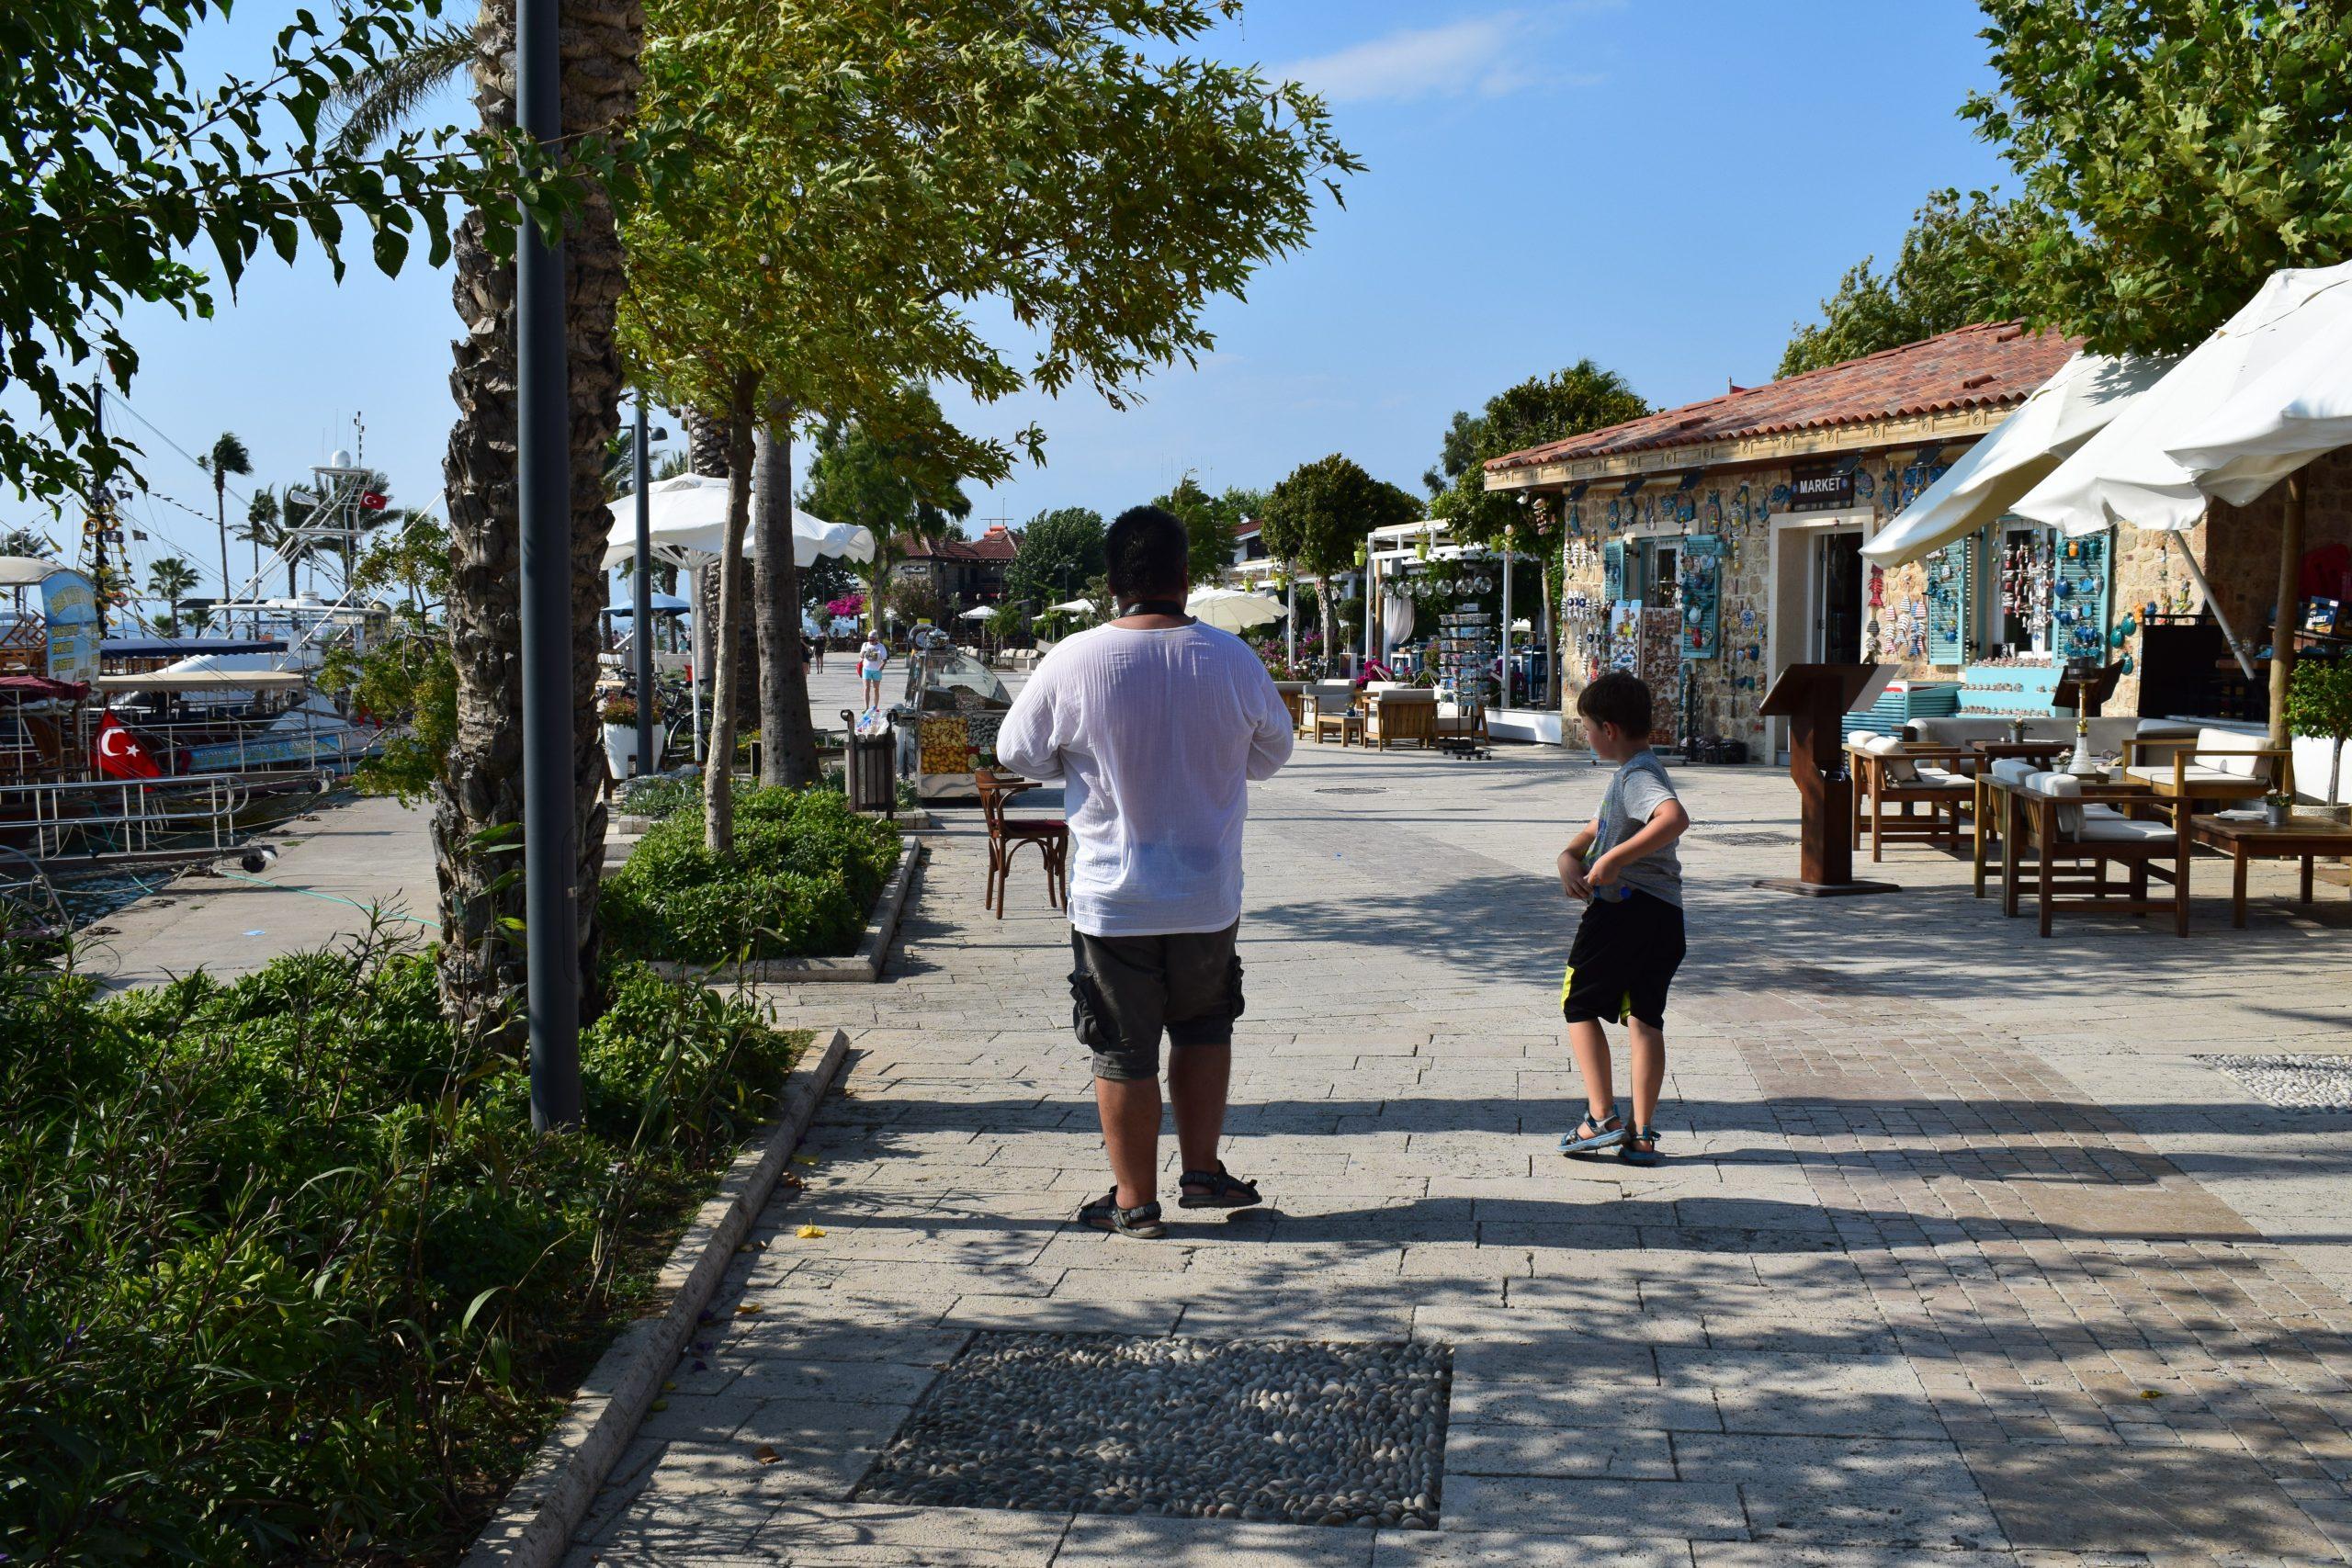 SIDE walking area